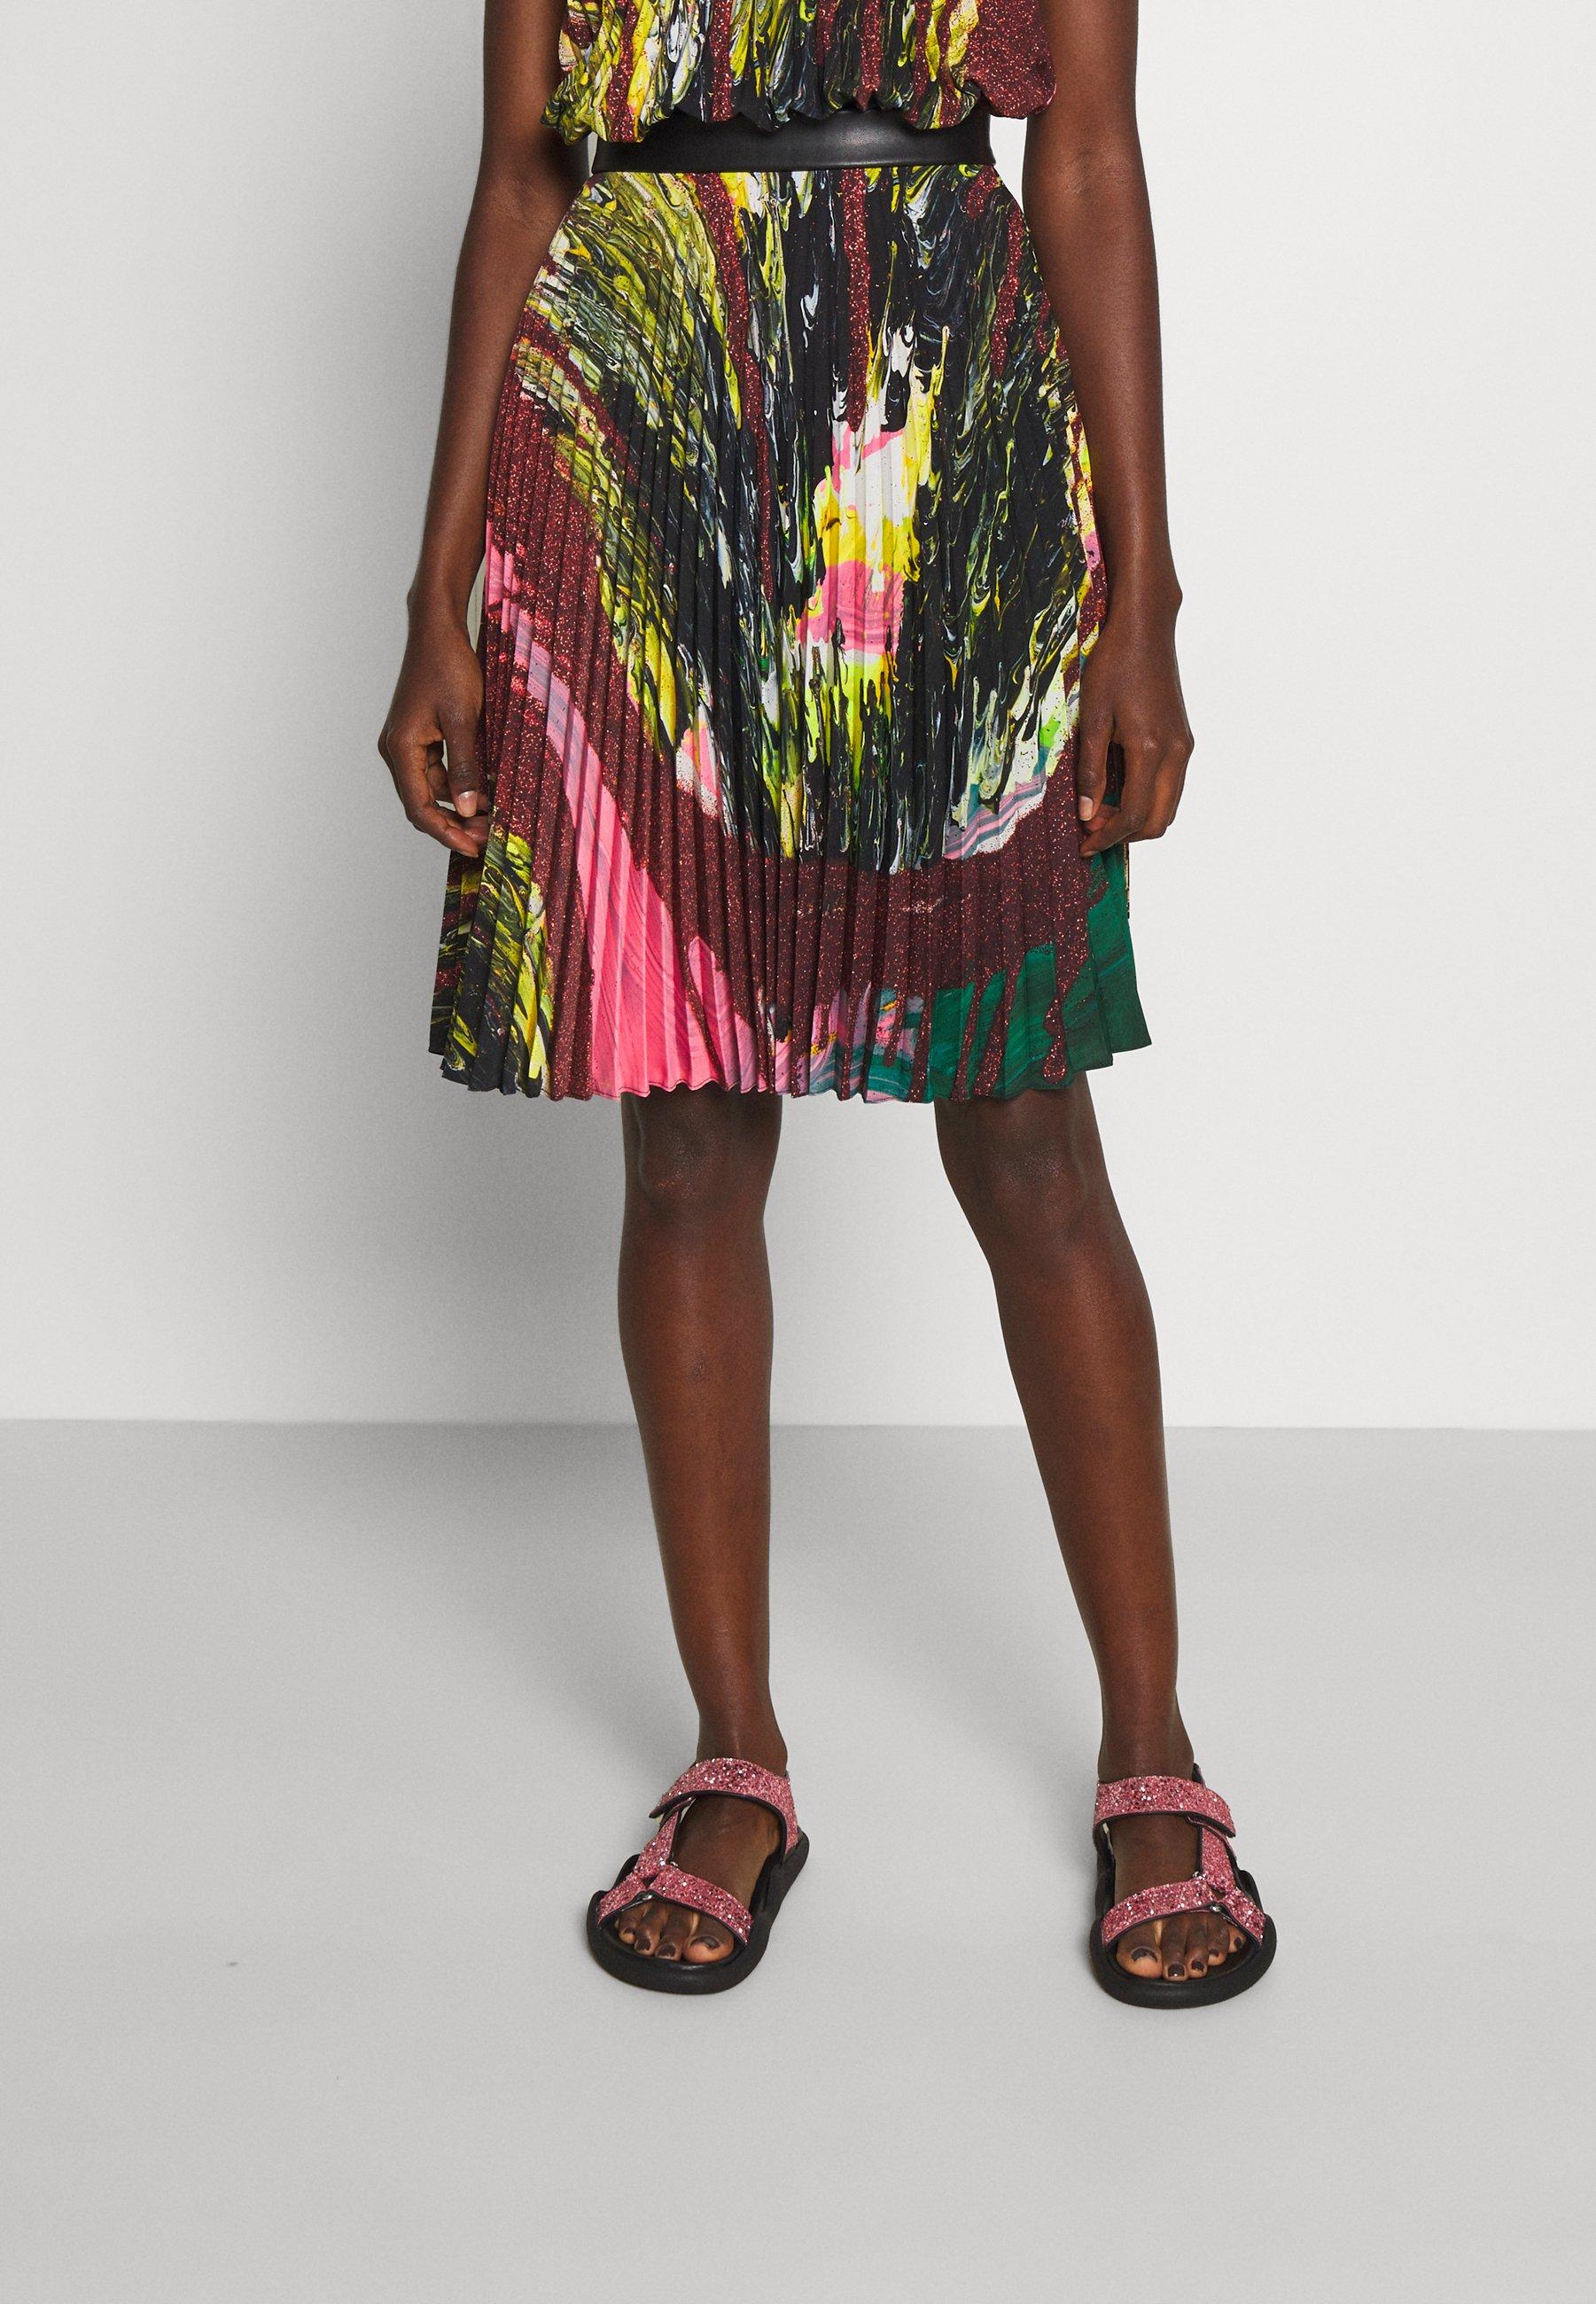 Femme MINDSCAPE PLEATED SKIRT - Jupe plissée